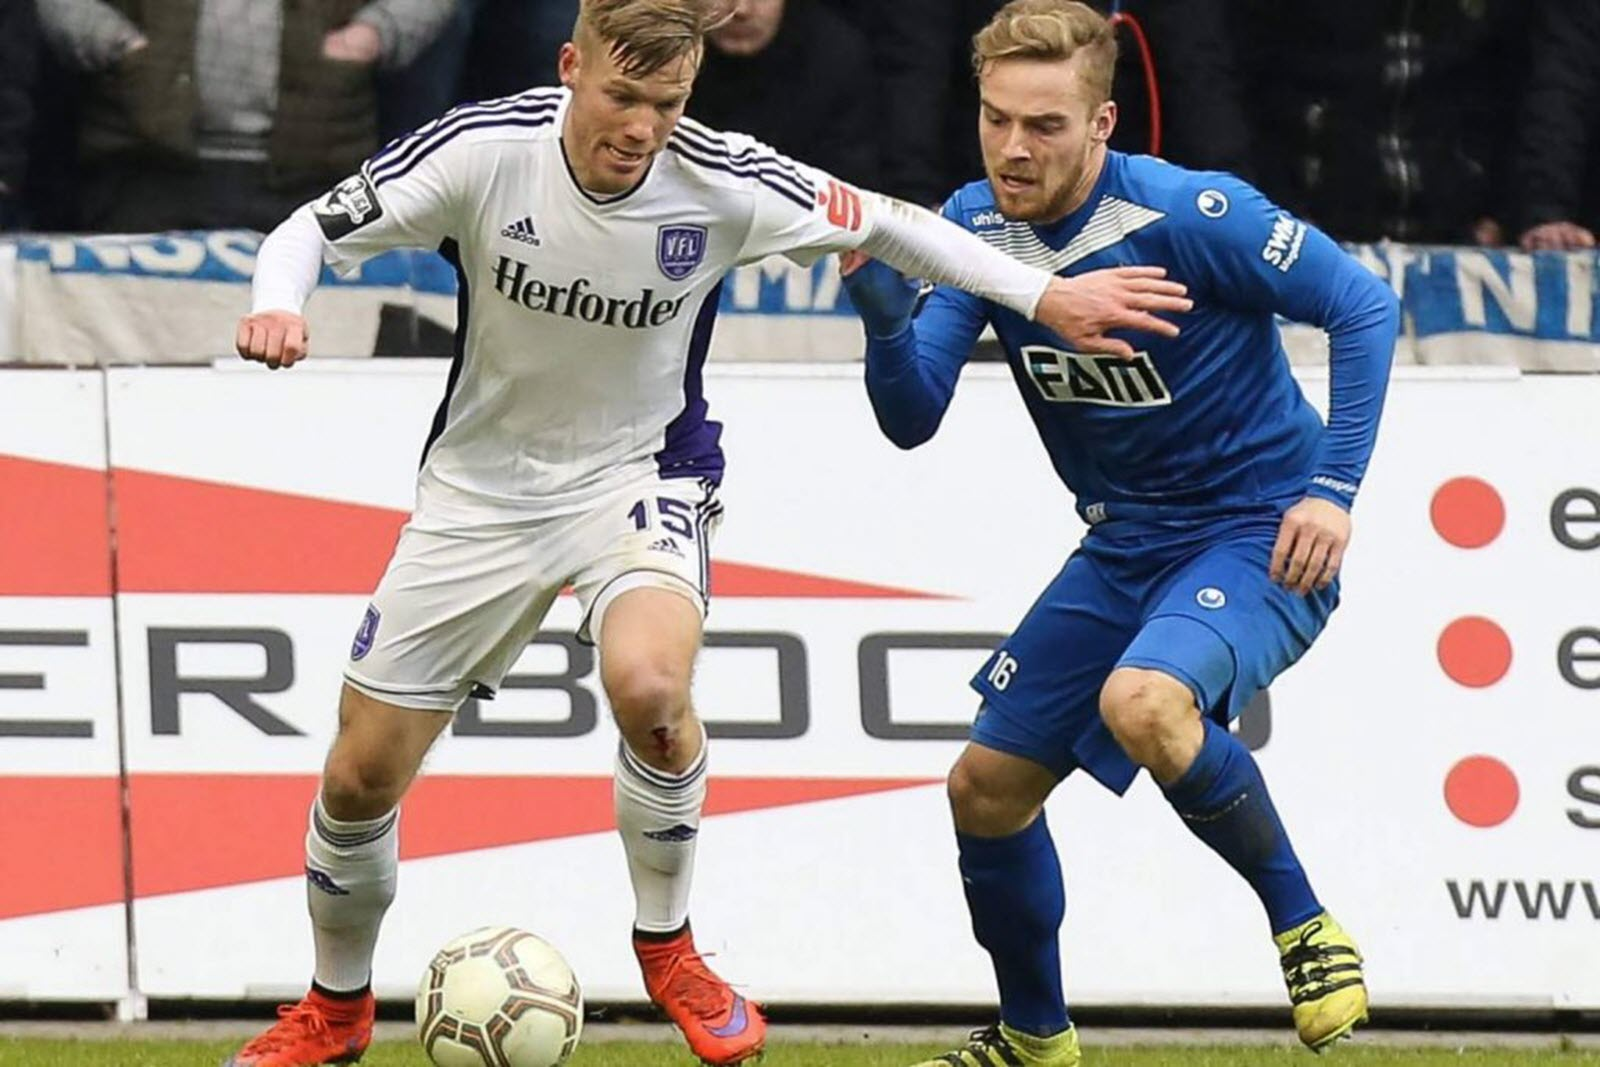 Jules Reimerink und Nils Butzen im Duell. Jetzt auf Osnabrück gegen Magdeburg wetten